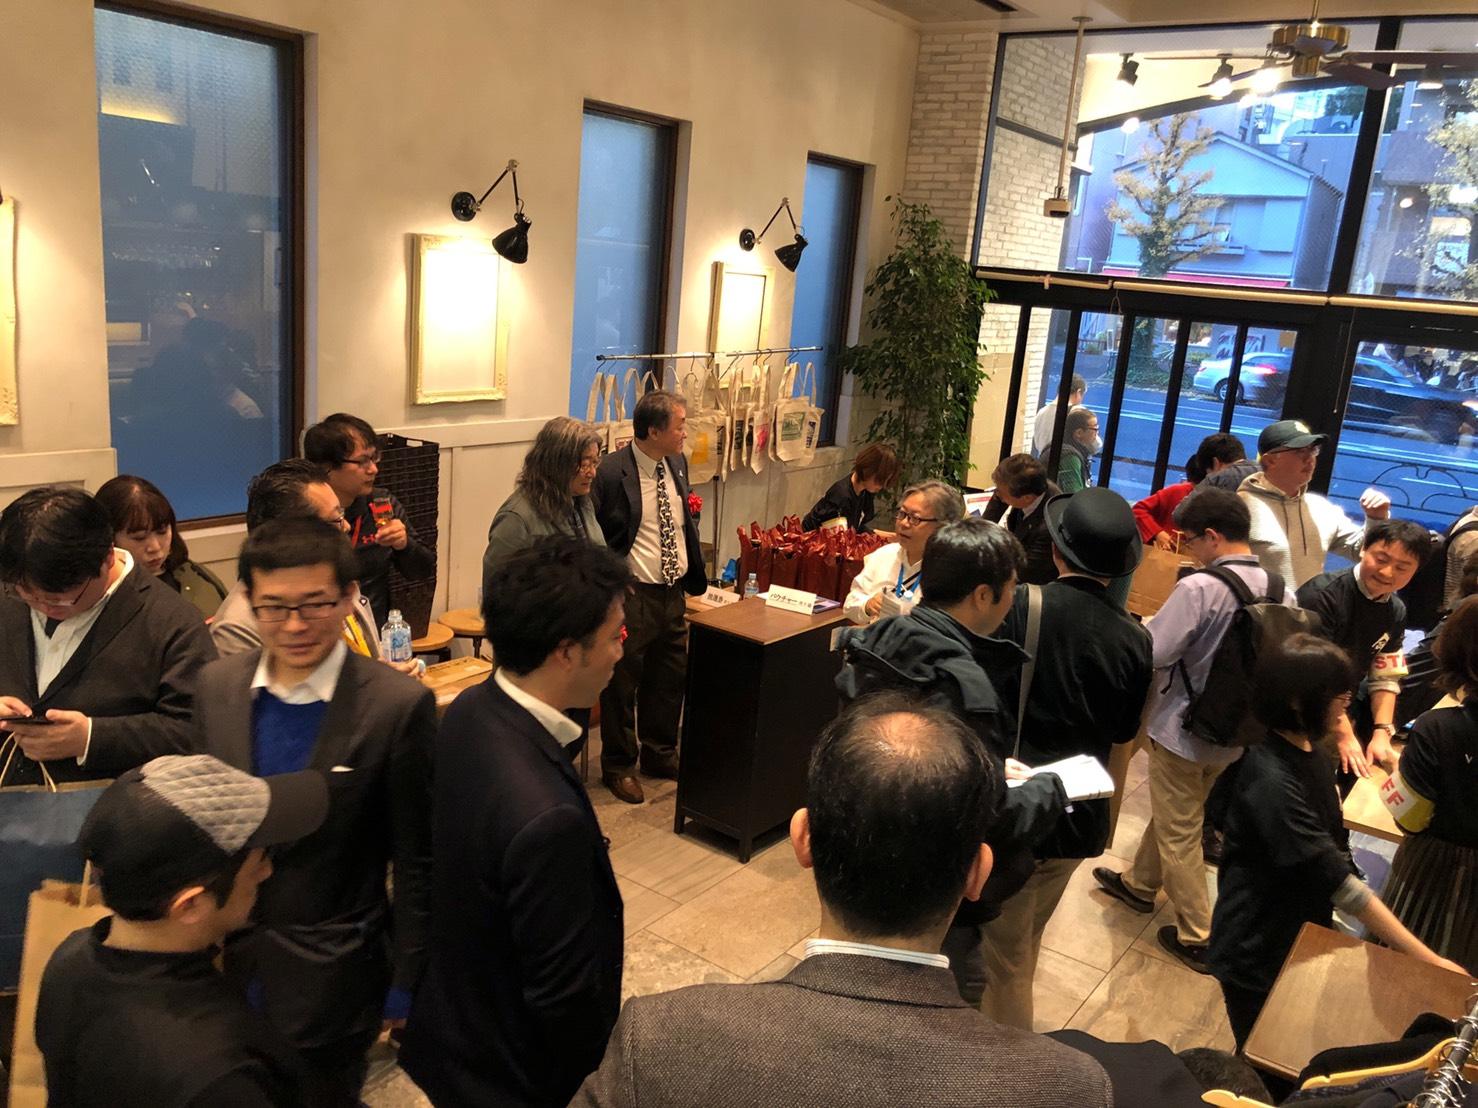 ウイスキー文化研究所様がEBISU SHOW ROOMでイベント開催!|TIME SHARING|タイムシェアリング|スペースマネジメント|あどばる|adval|SHARING